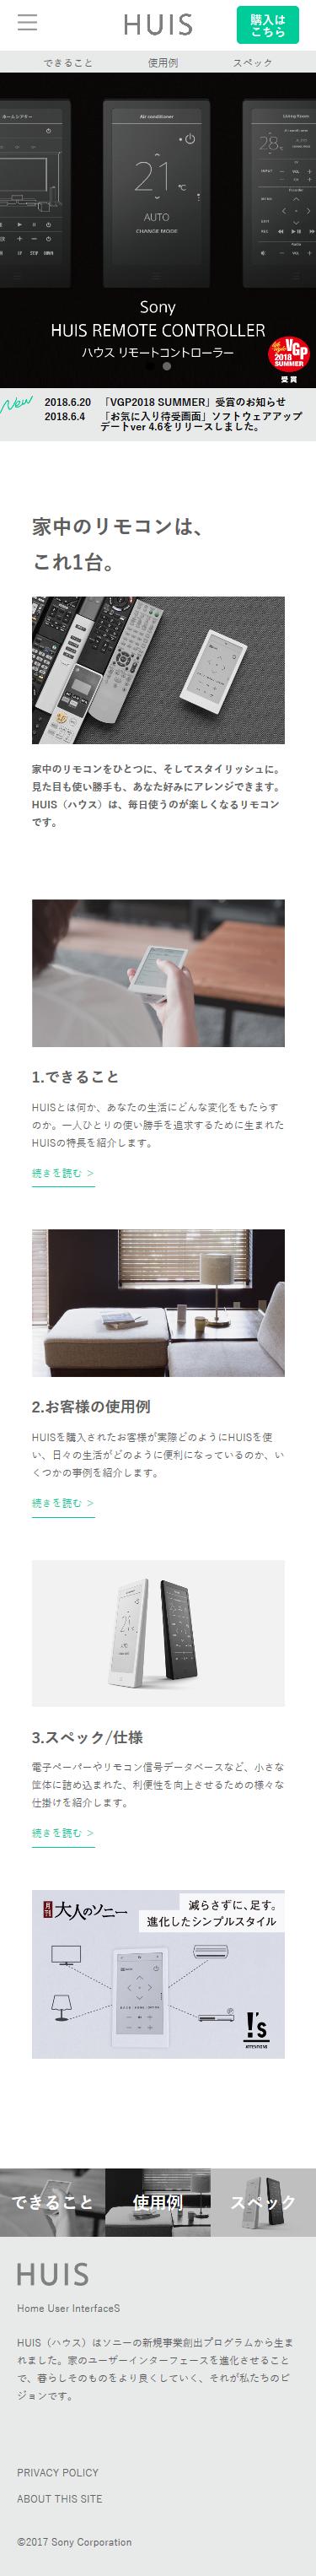 HUIS(ハウス)スマホ版イメージ